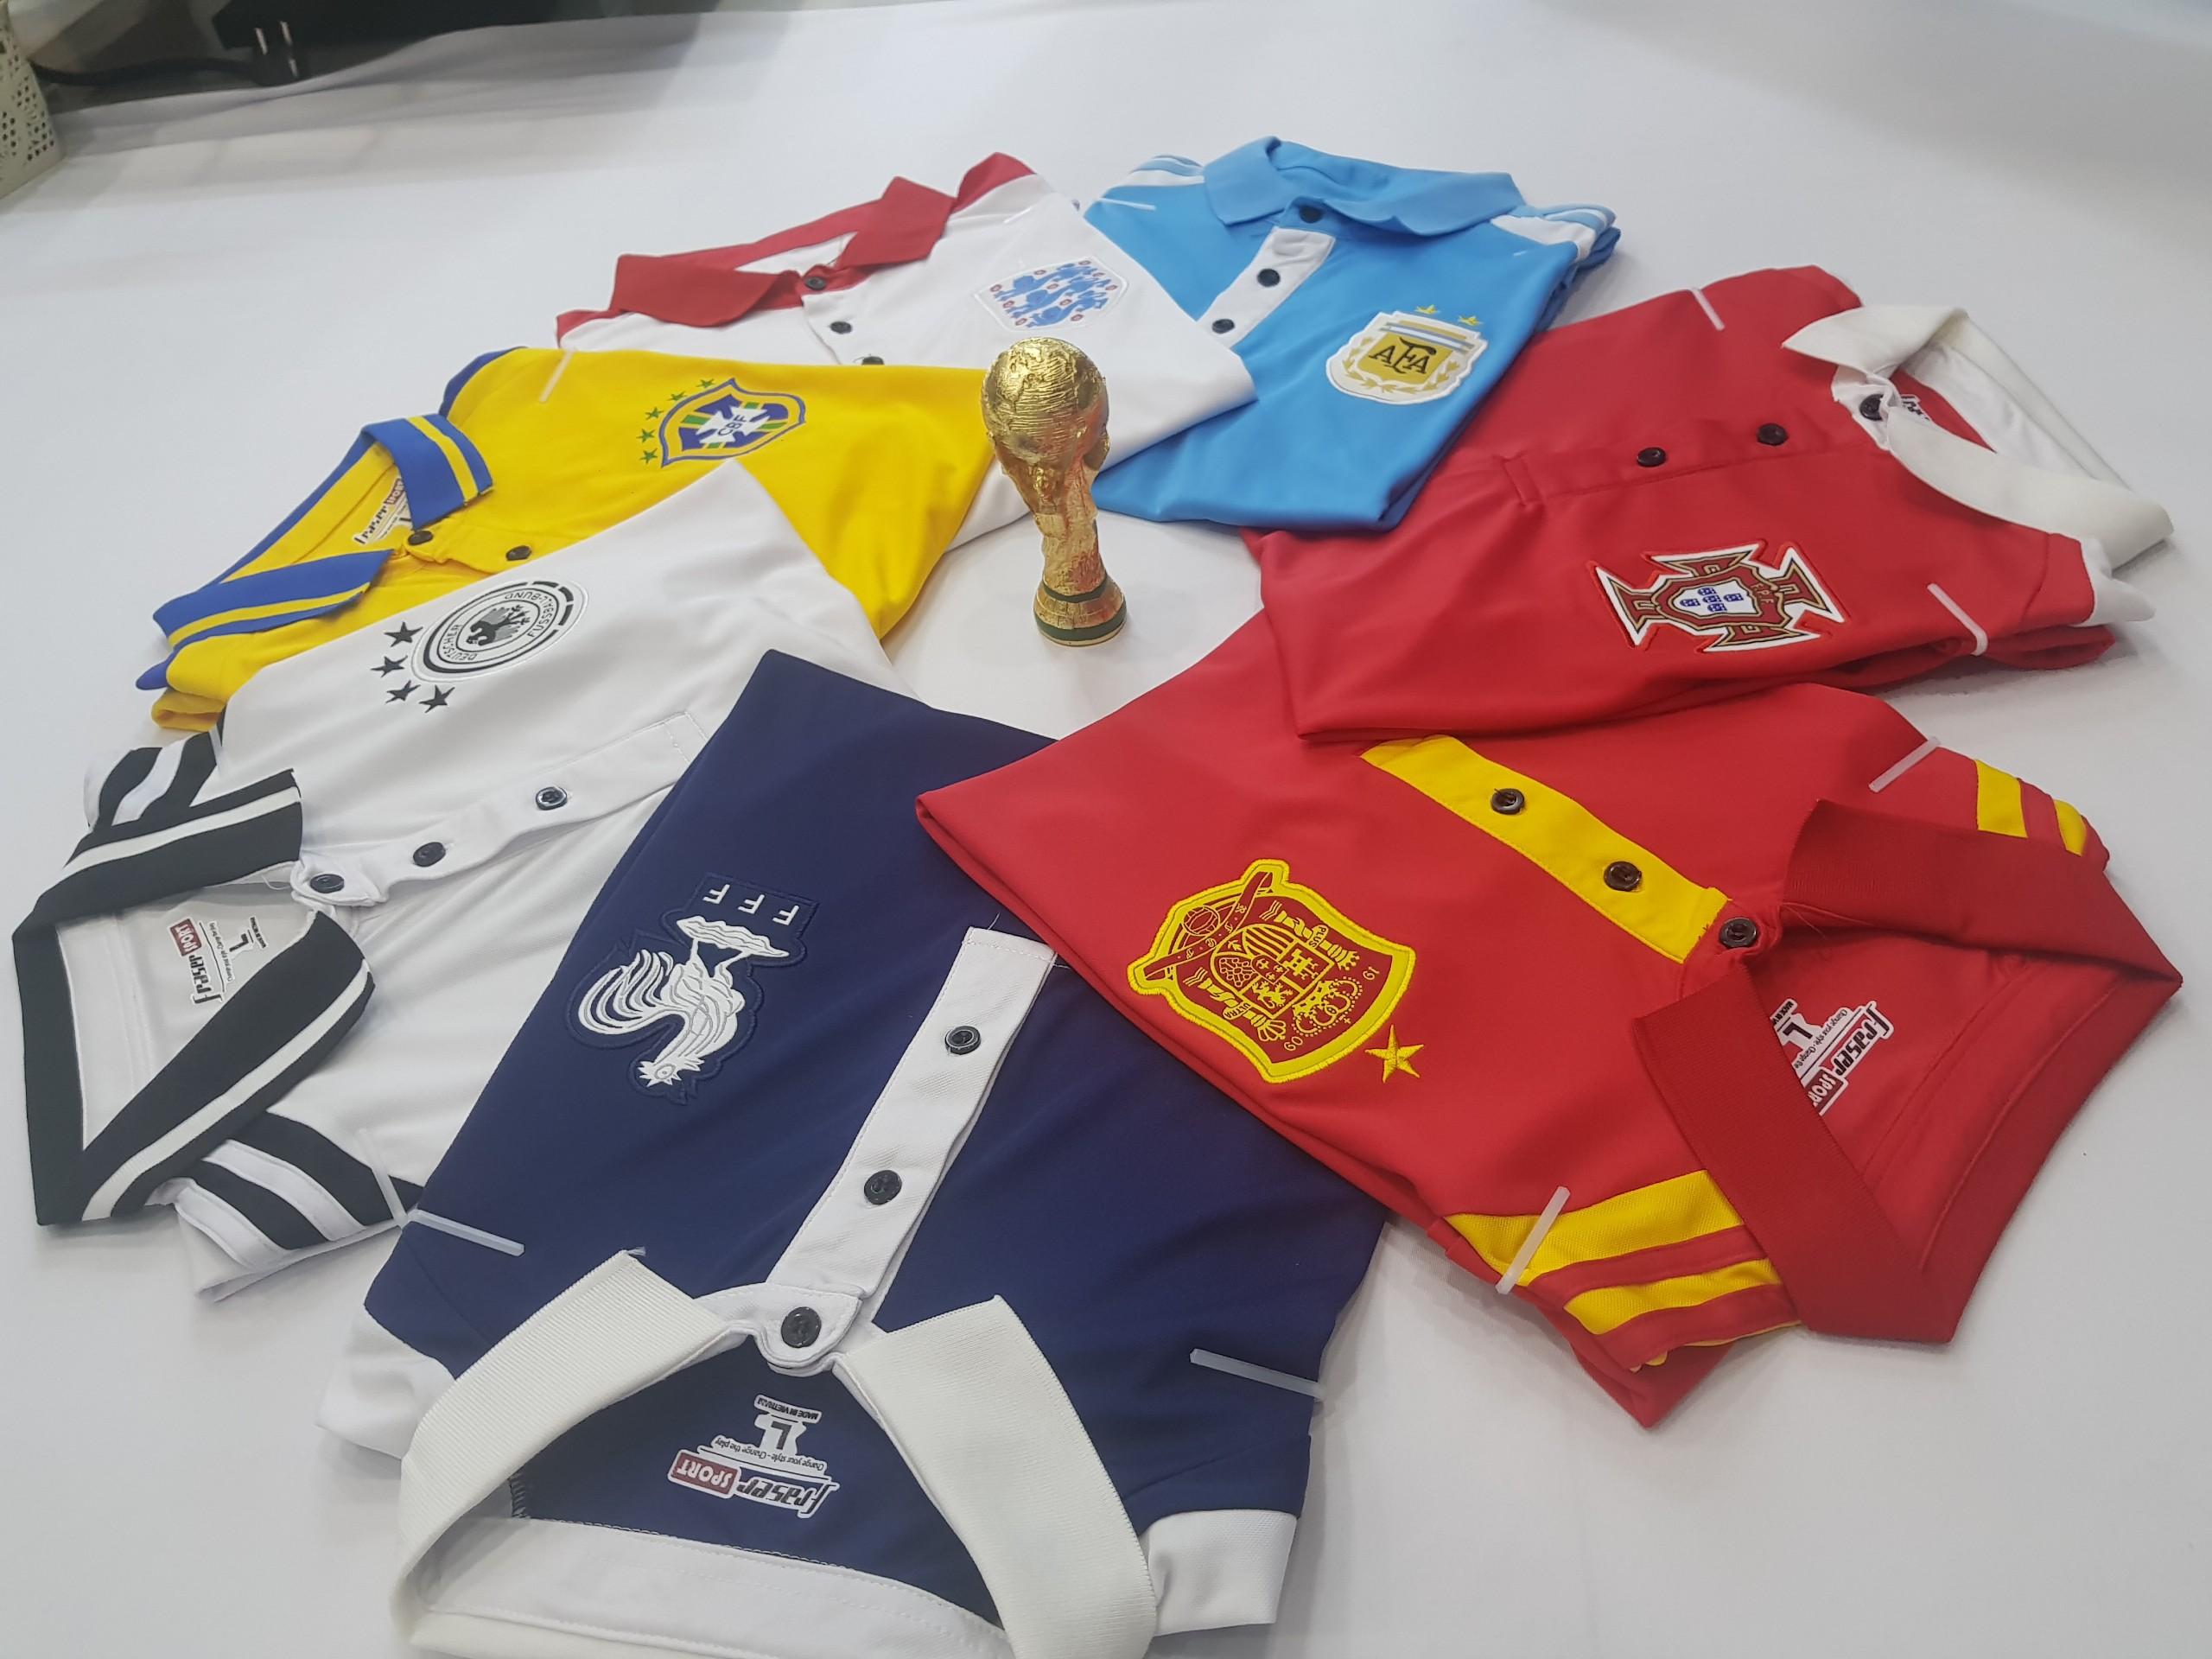 áo thun world cup cổ bẻ